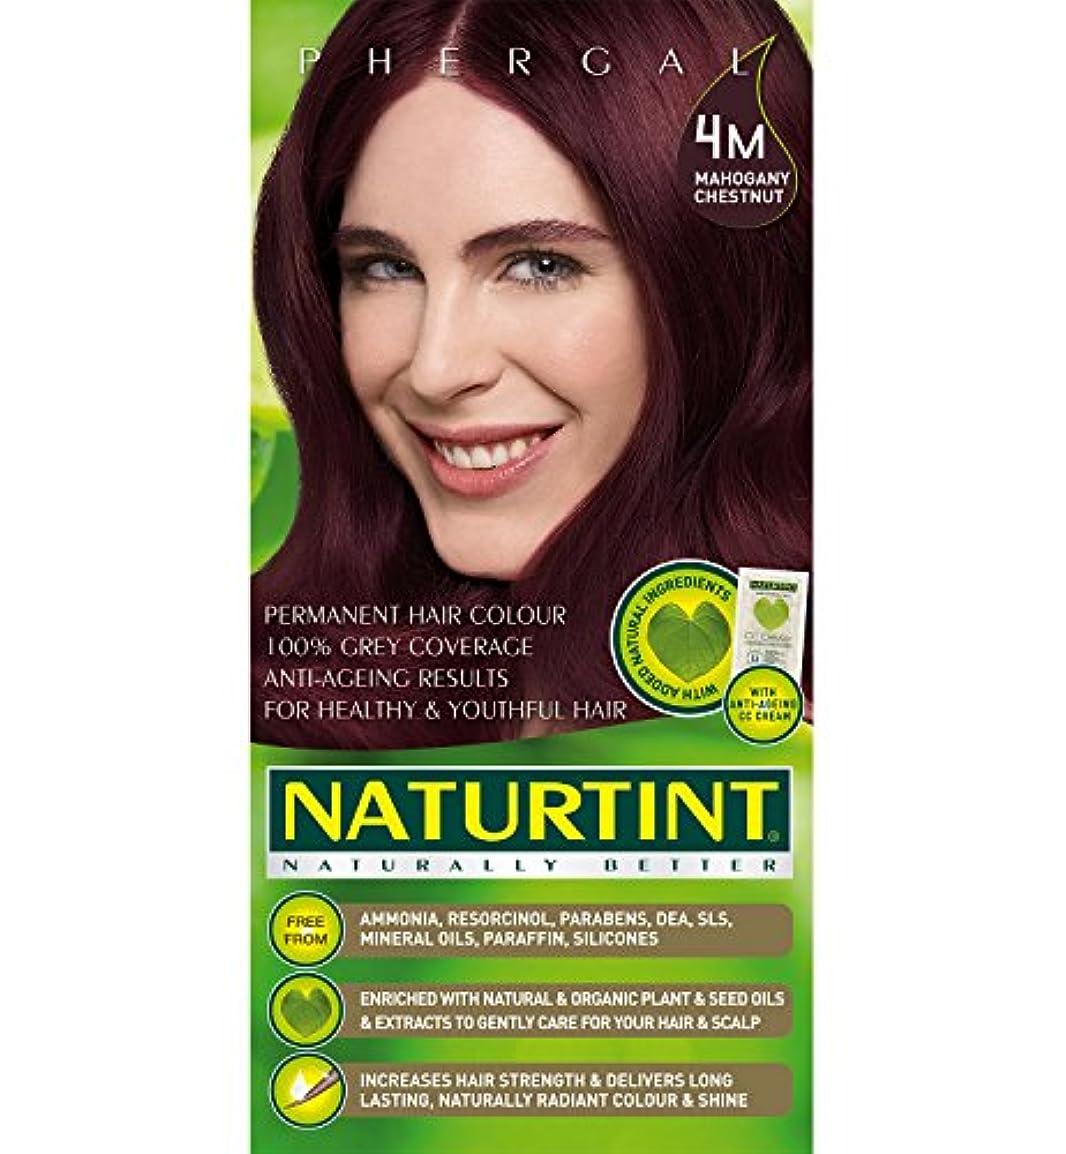 警察夫あいにくNaturtint Hair Color 4M Mahogany Chestnut Count (並行輸入品)